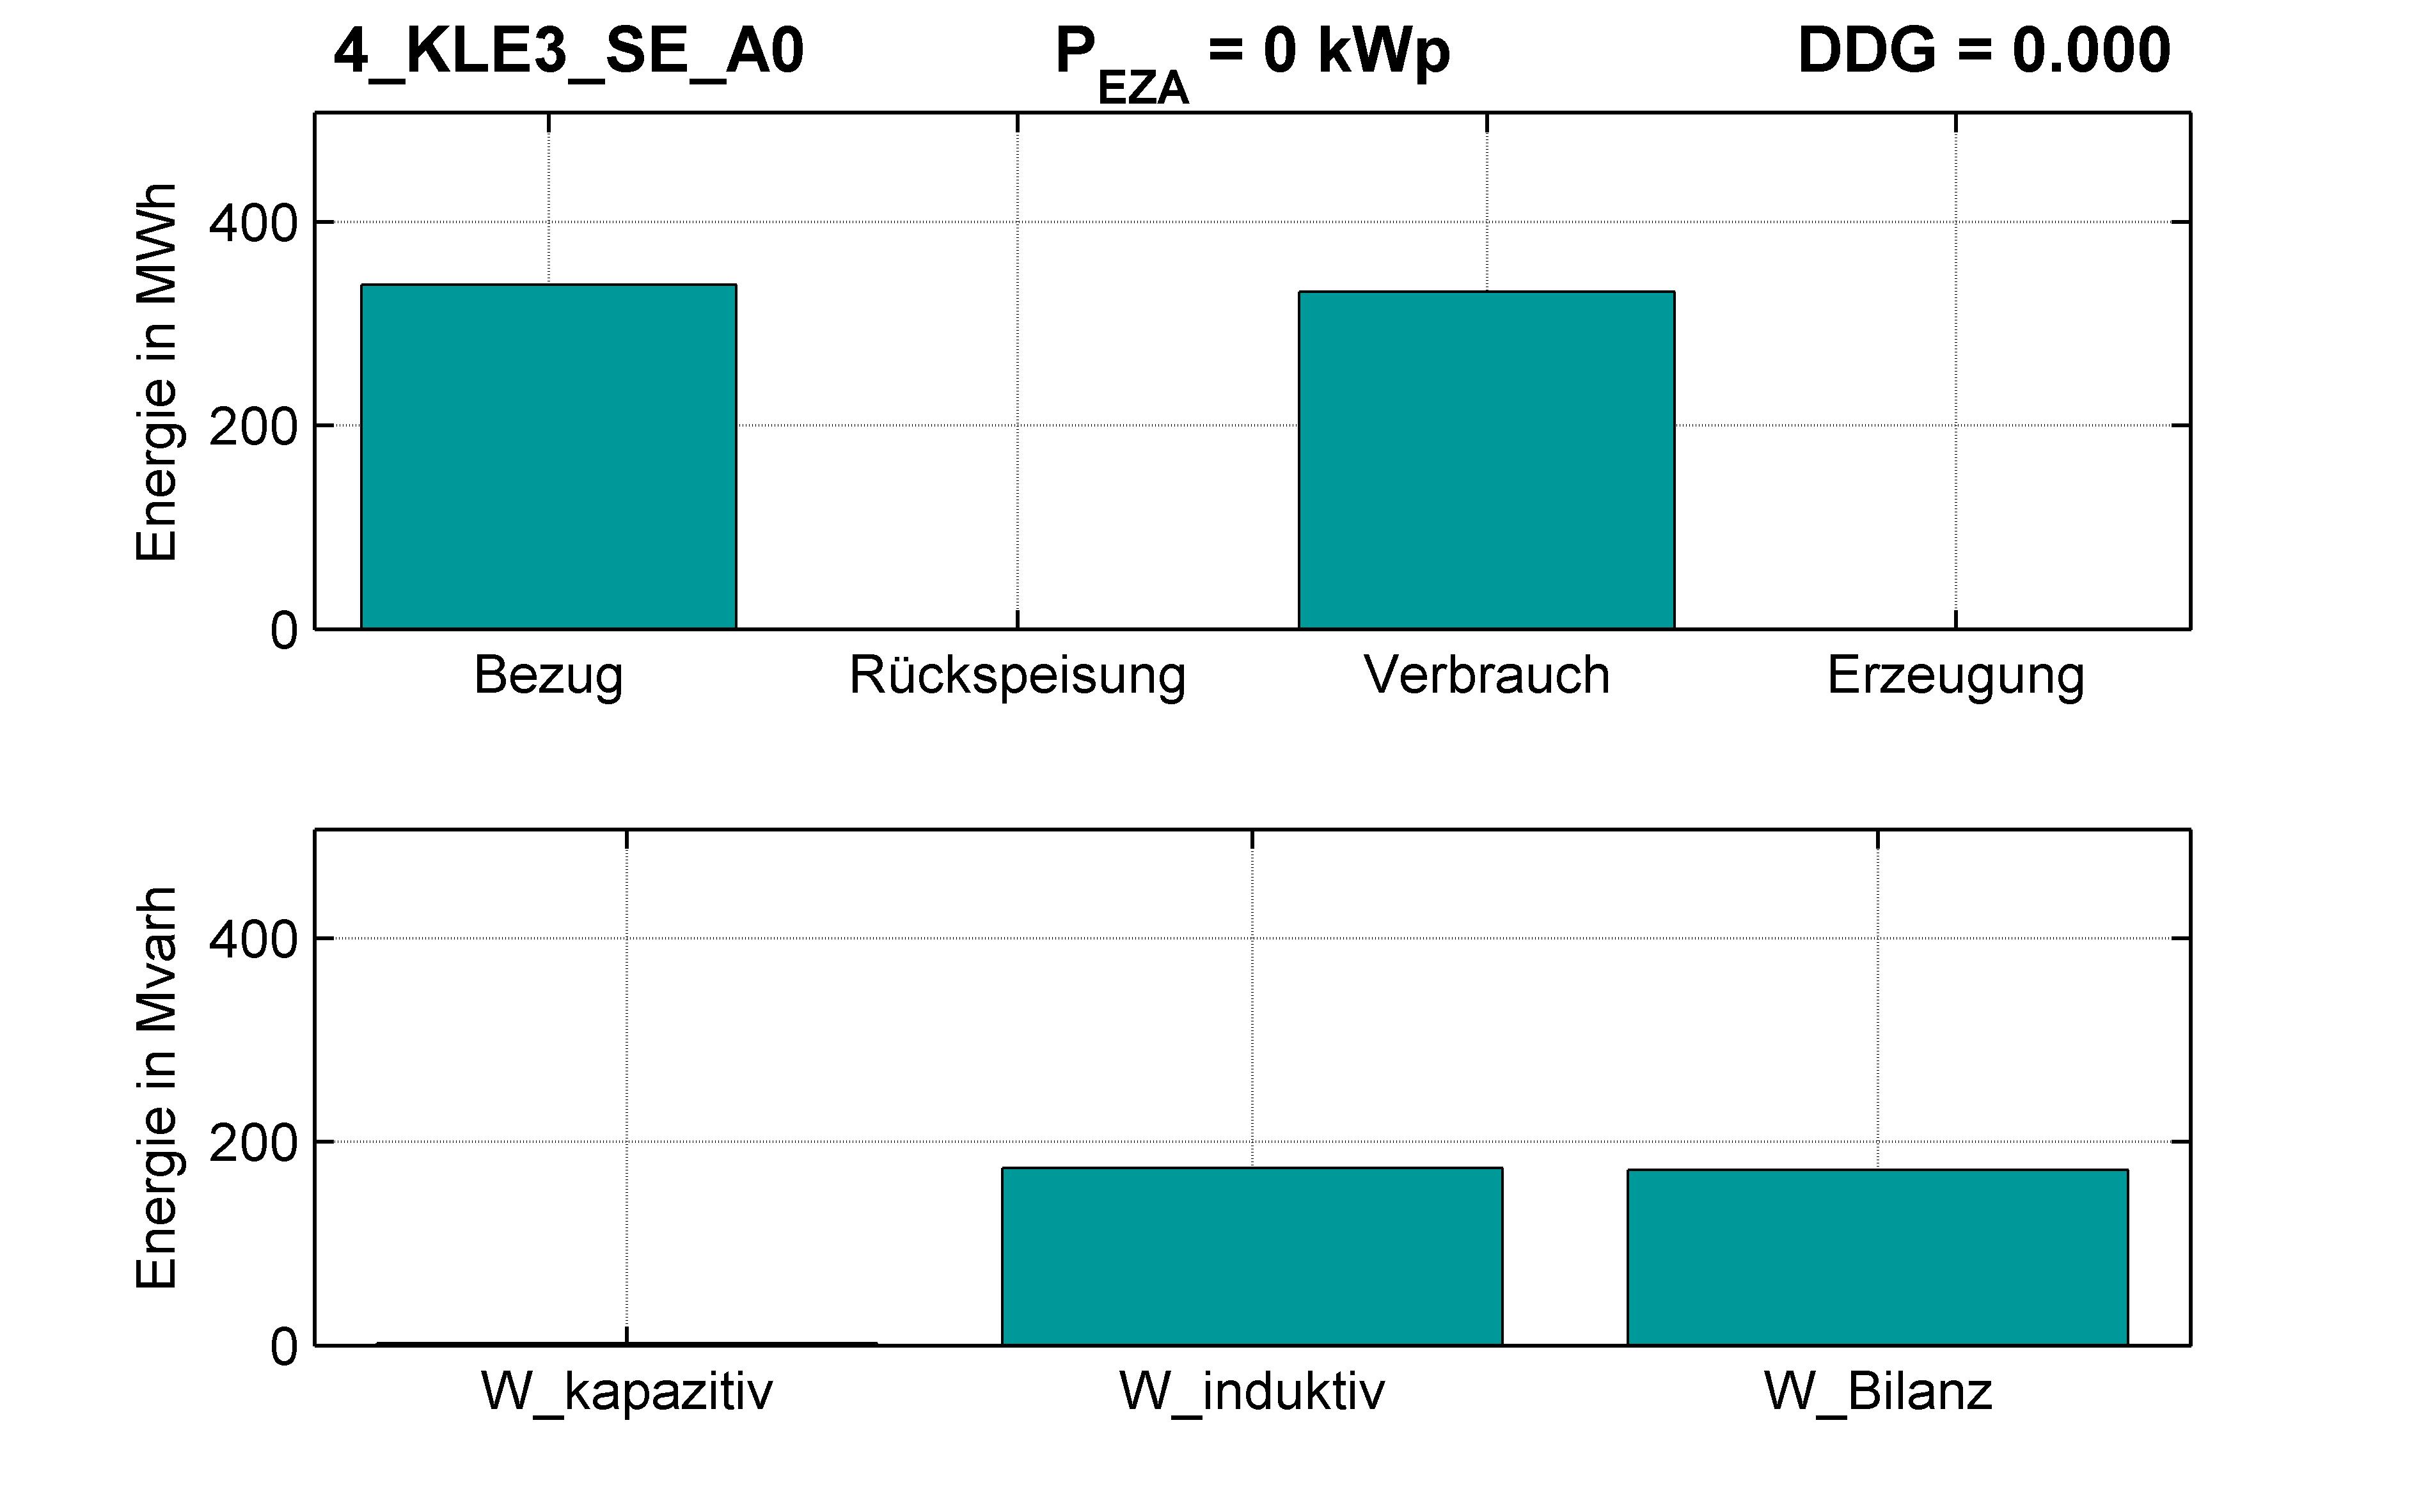 KLE3 | P-Kappung 55% (SE) A0 | PQ-Bilanz